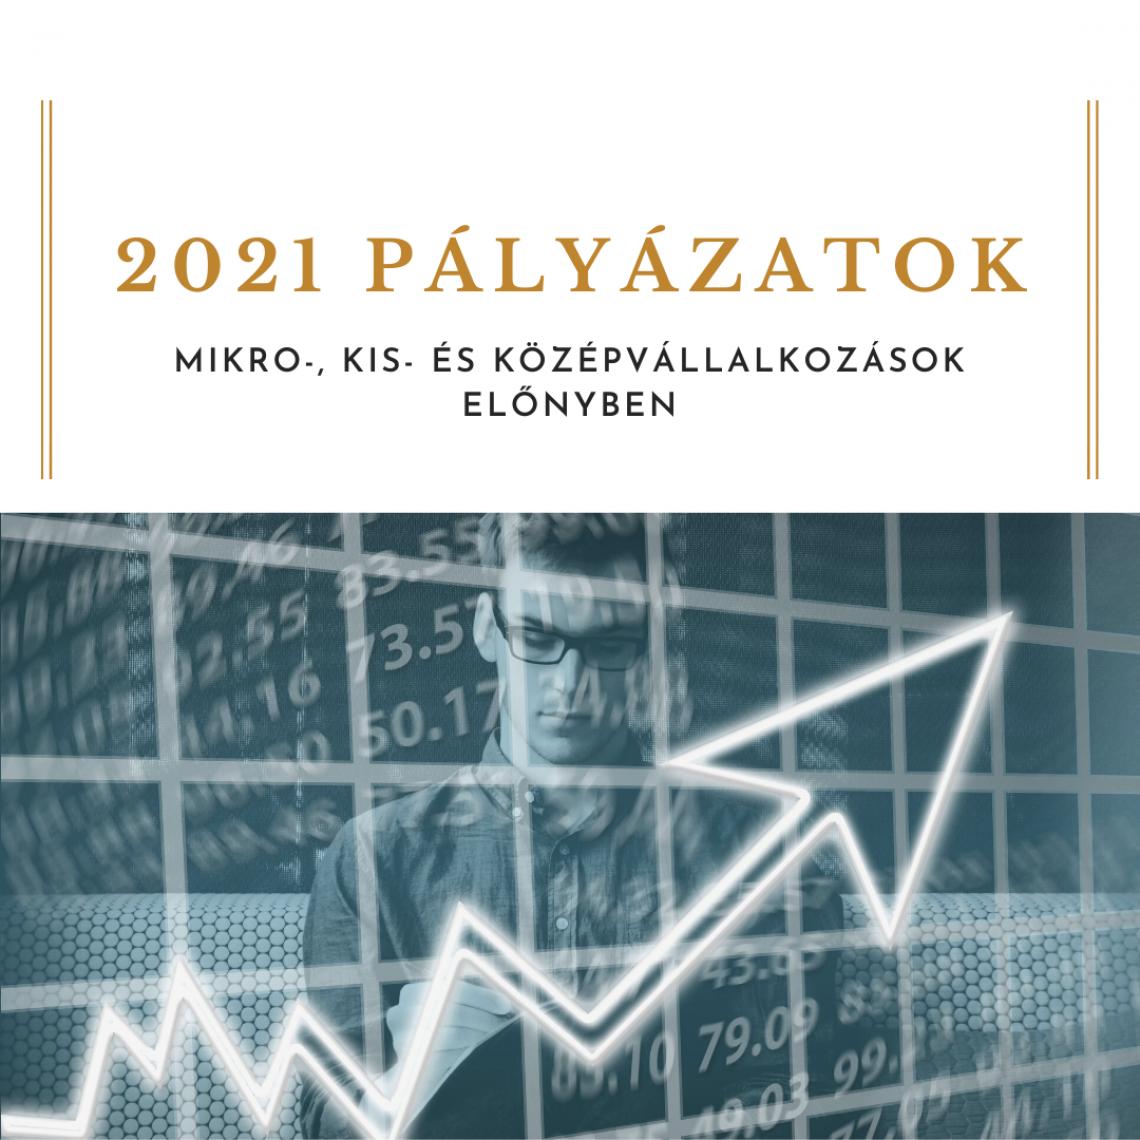 2021 pályázatok